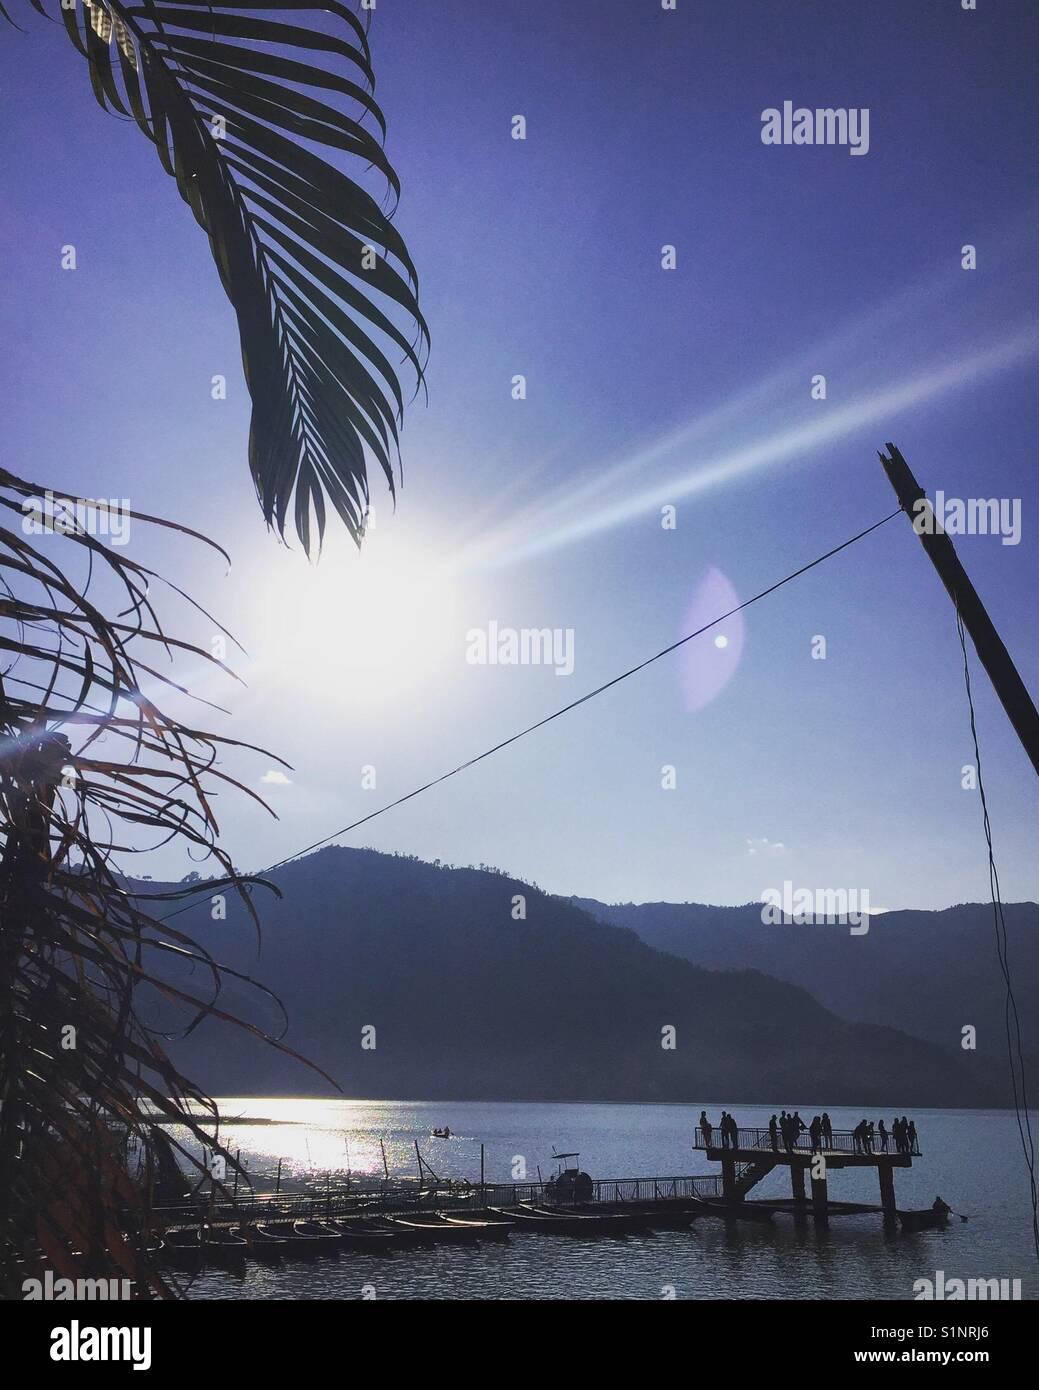 Fewa Lake, Pokhara, Nepal - Stock Image